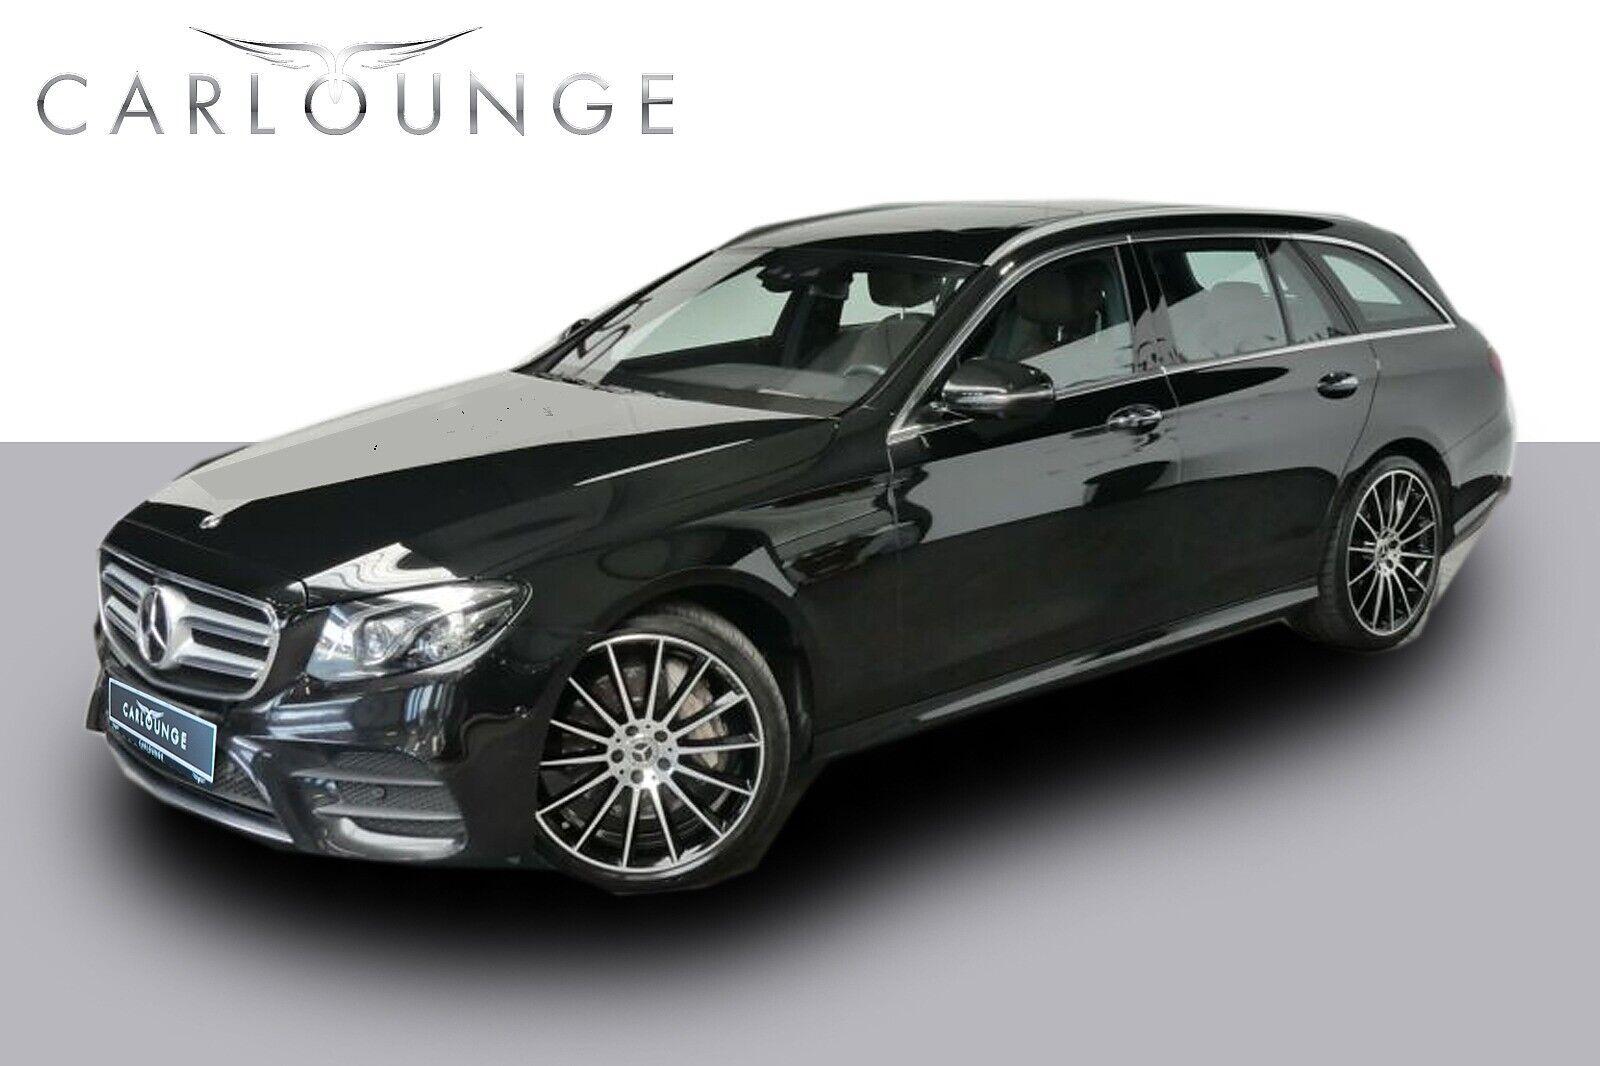 Mercedes E350 d 3,0 AMG Line stc. aut. 5d - 3.265 kr.